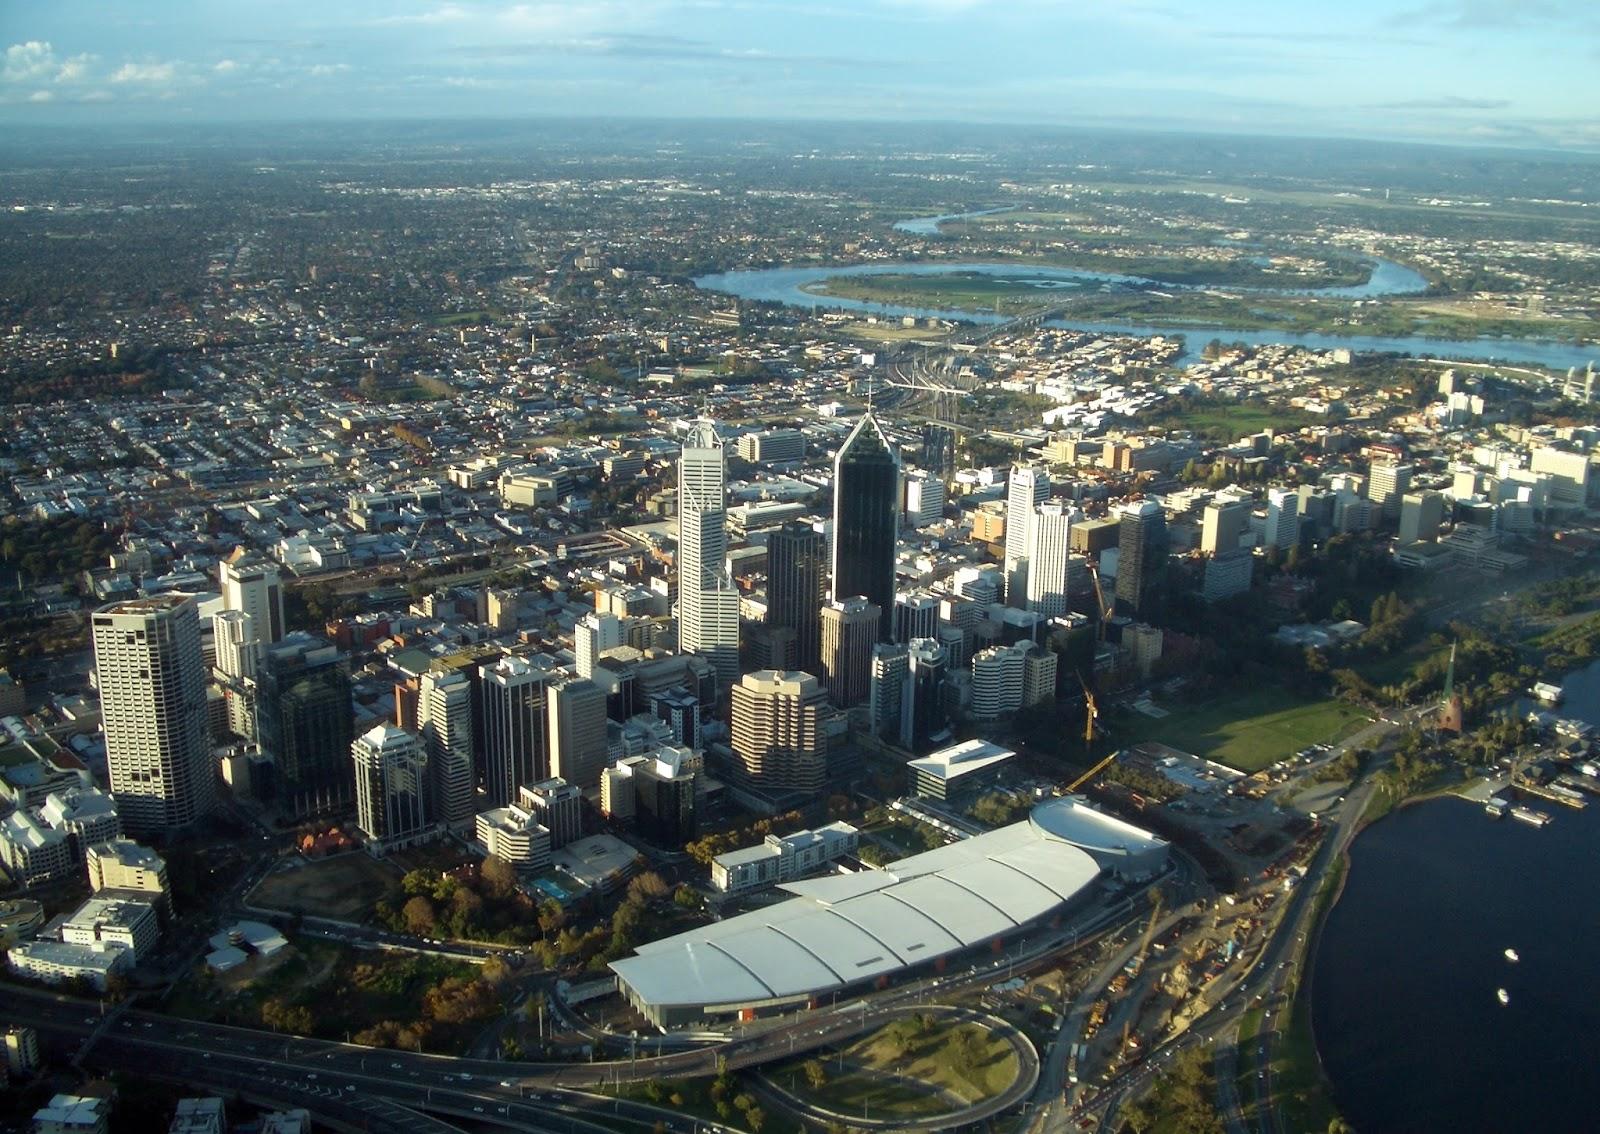 Perth - Australia